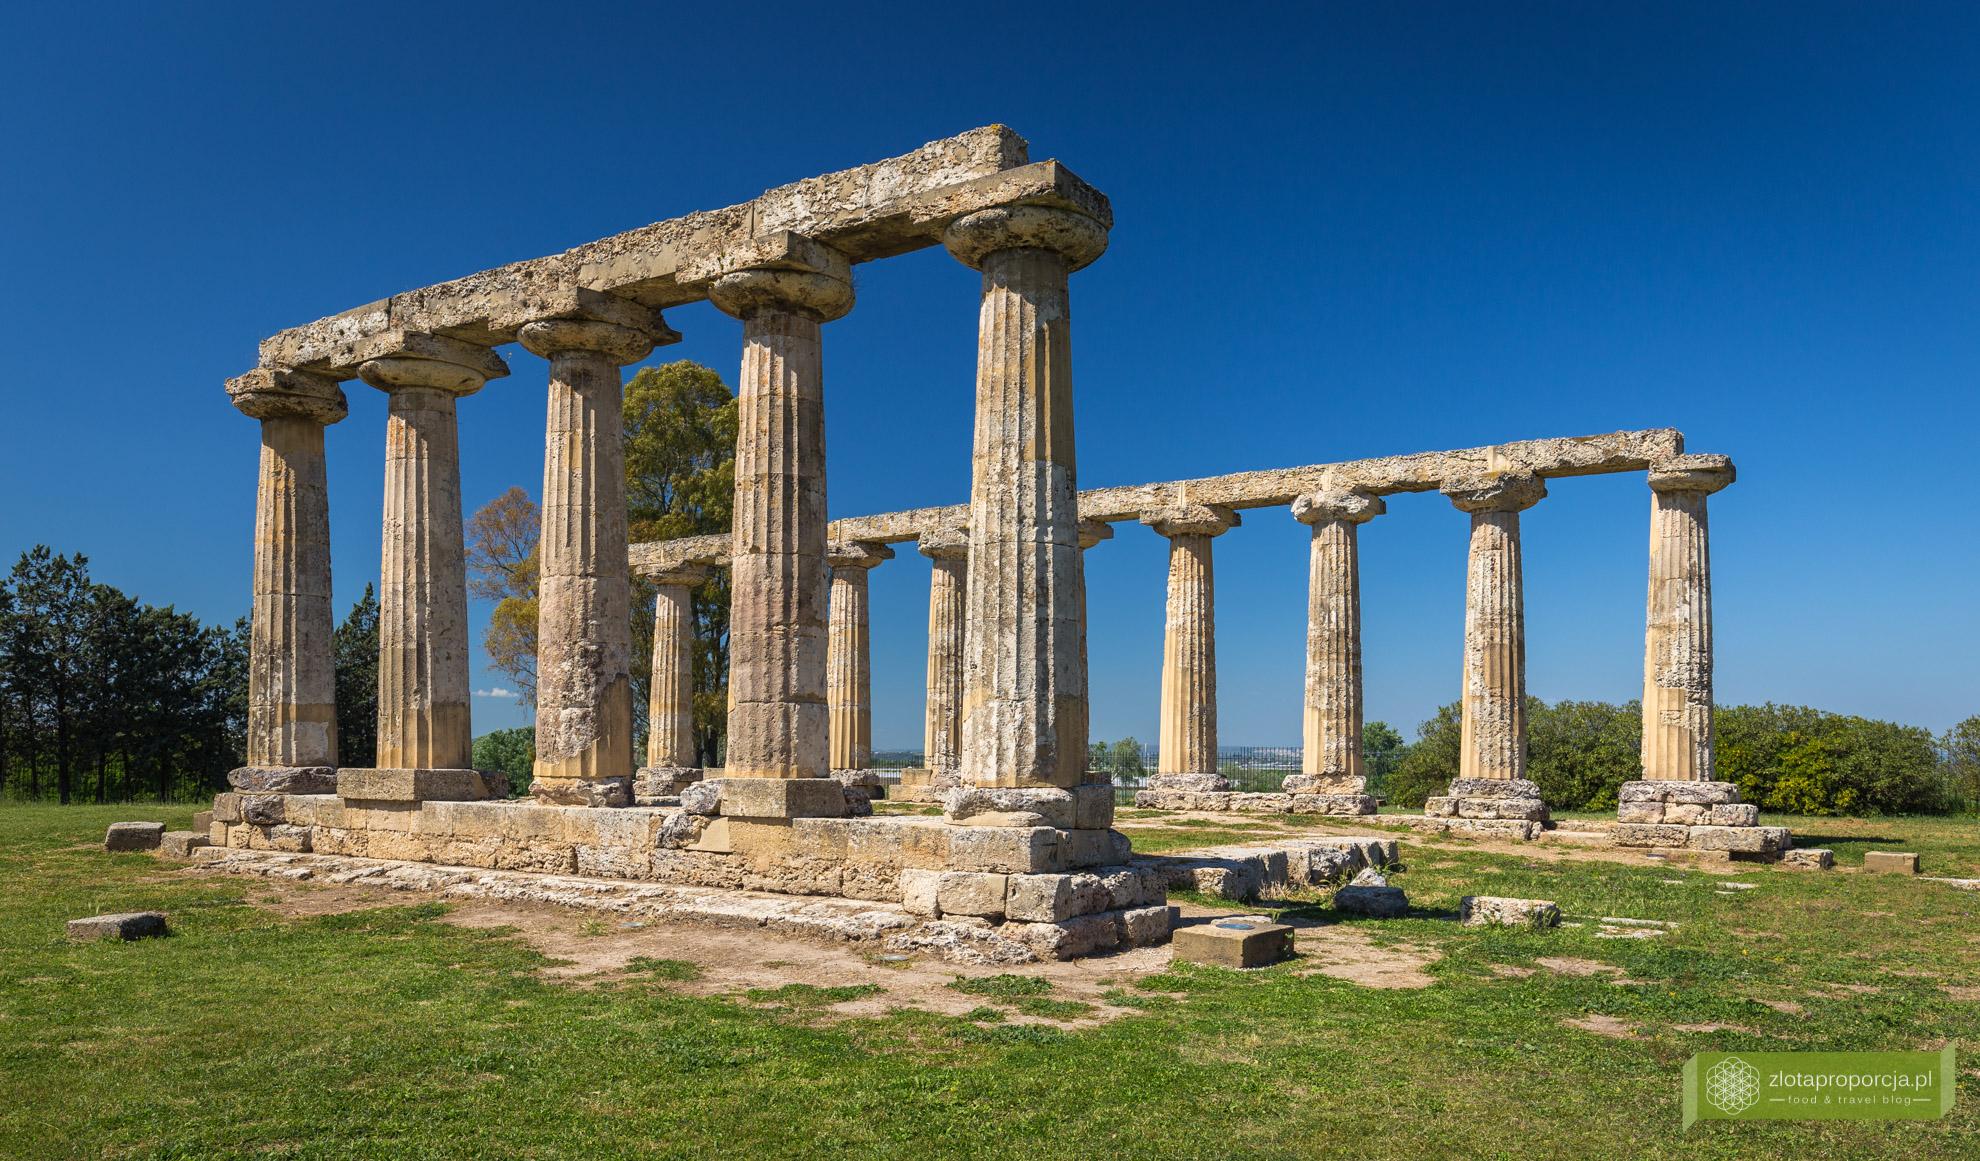 Bazylikata, atrakcje Bazylikaty, Tavole Palatine, Metaponto